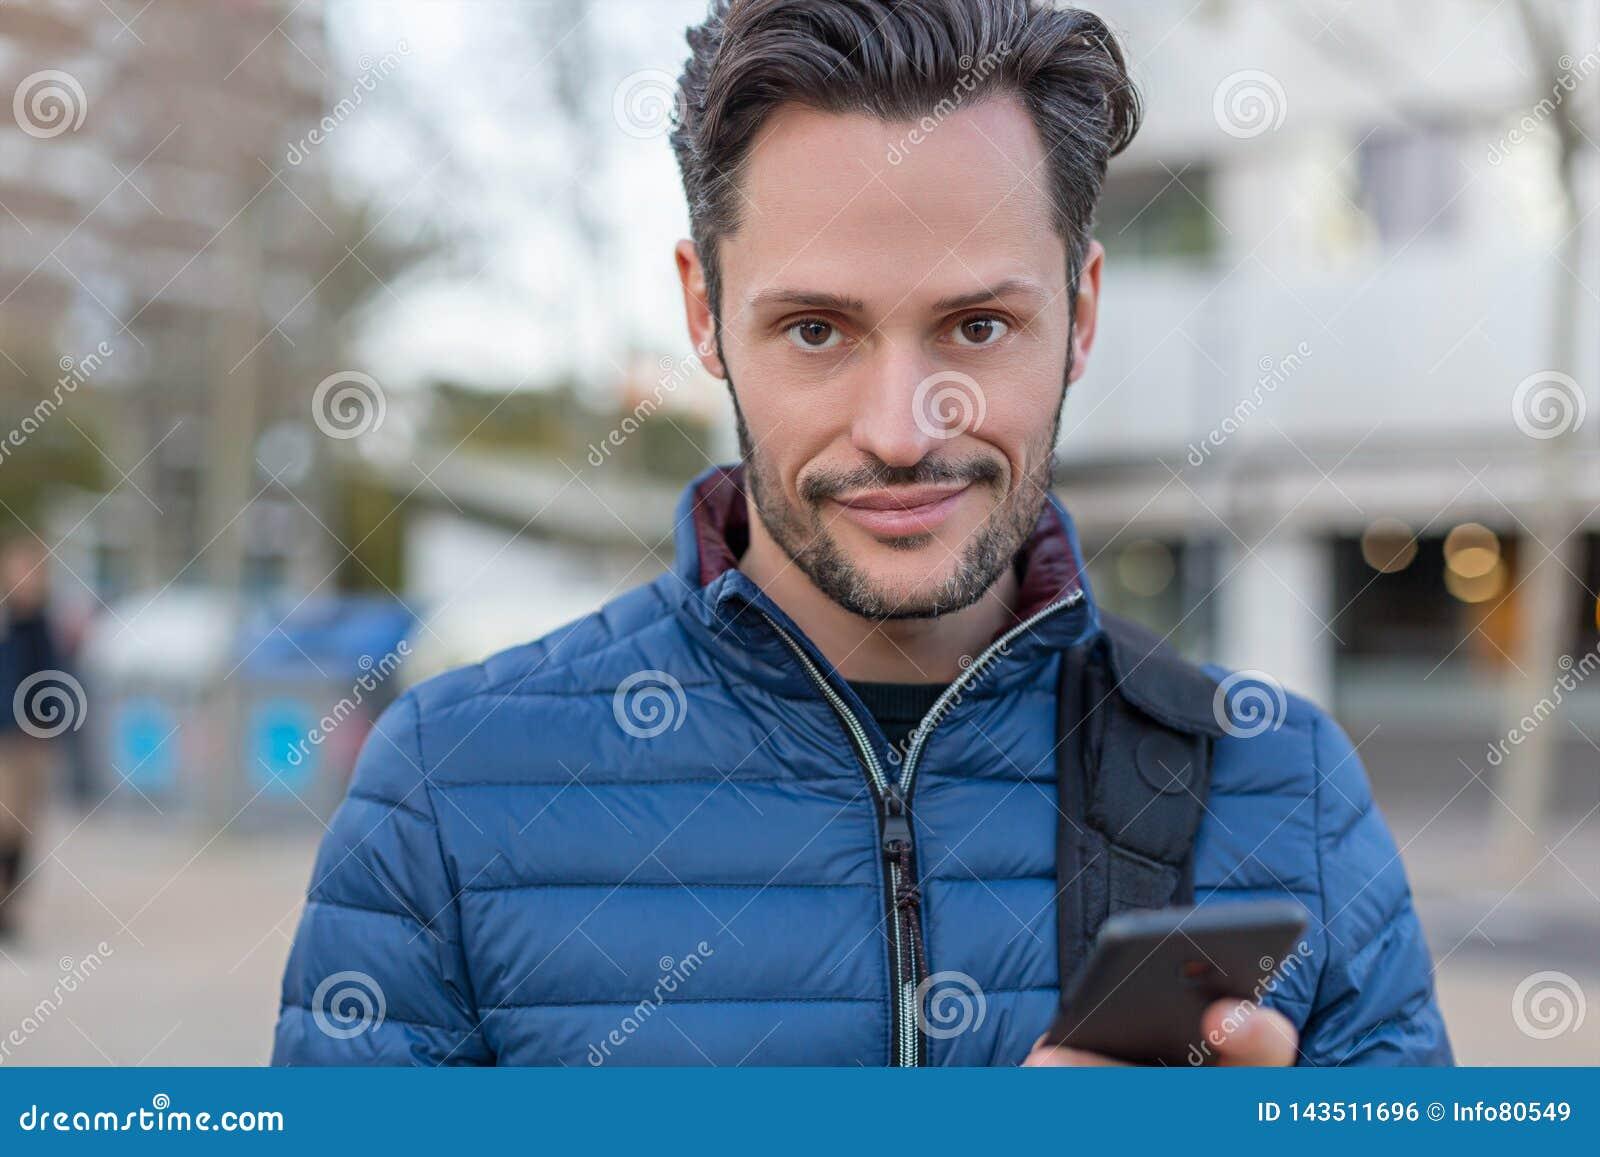 Uomo qualunque sorridente di giovani affari con un cellulare e una giacca blu